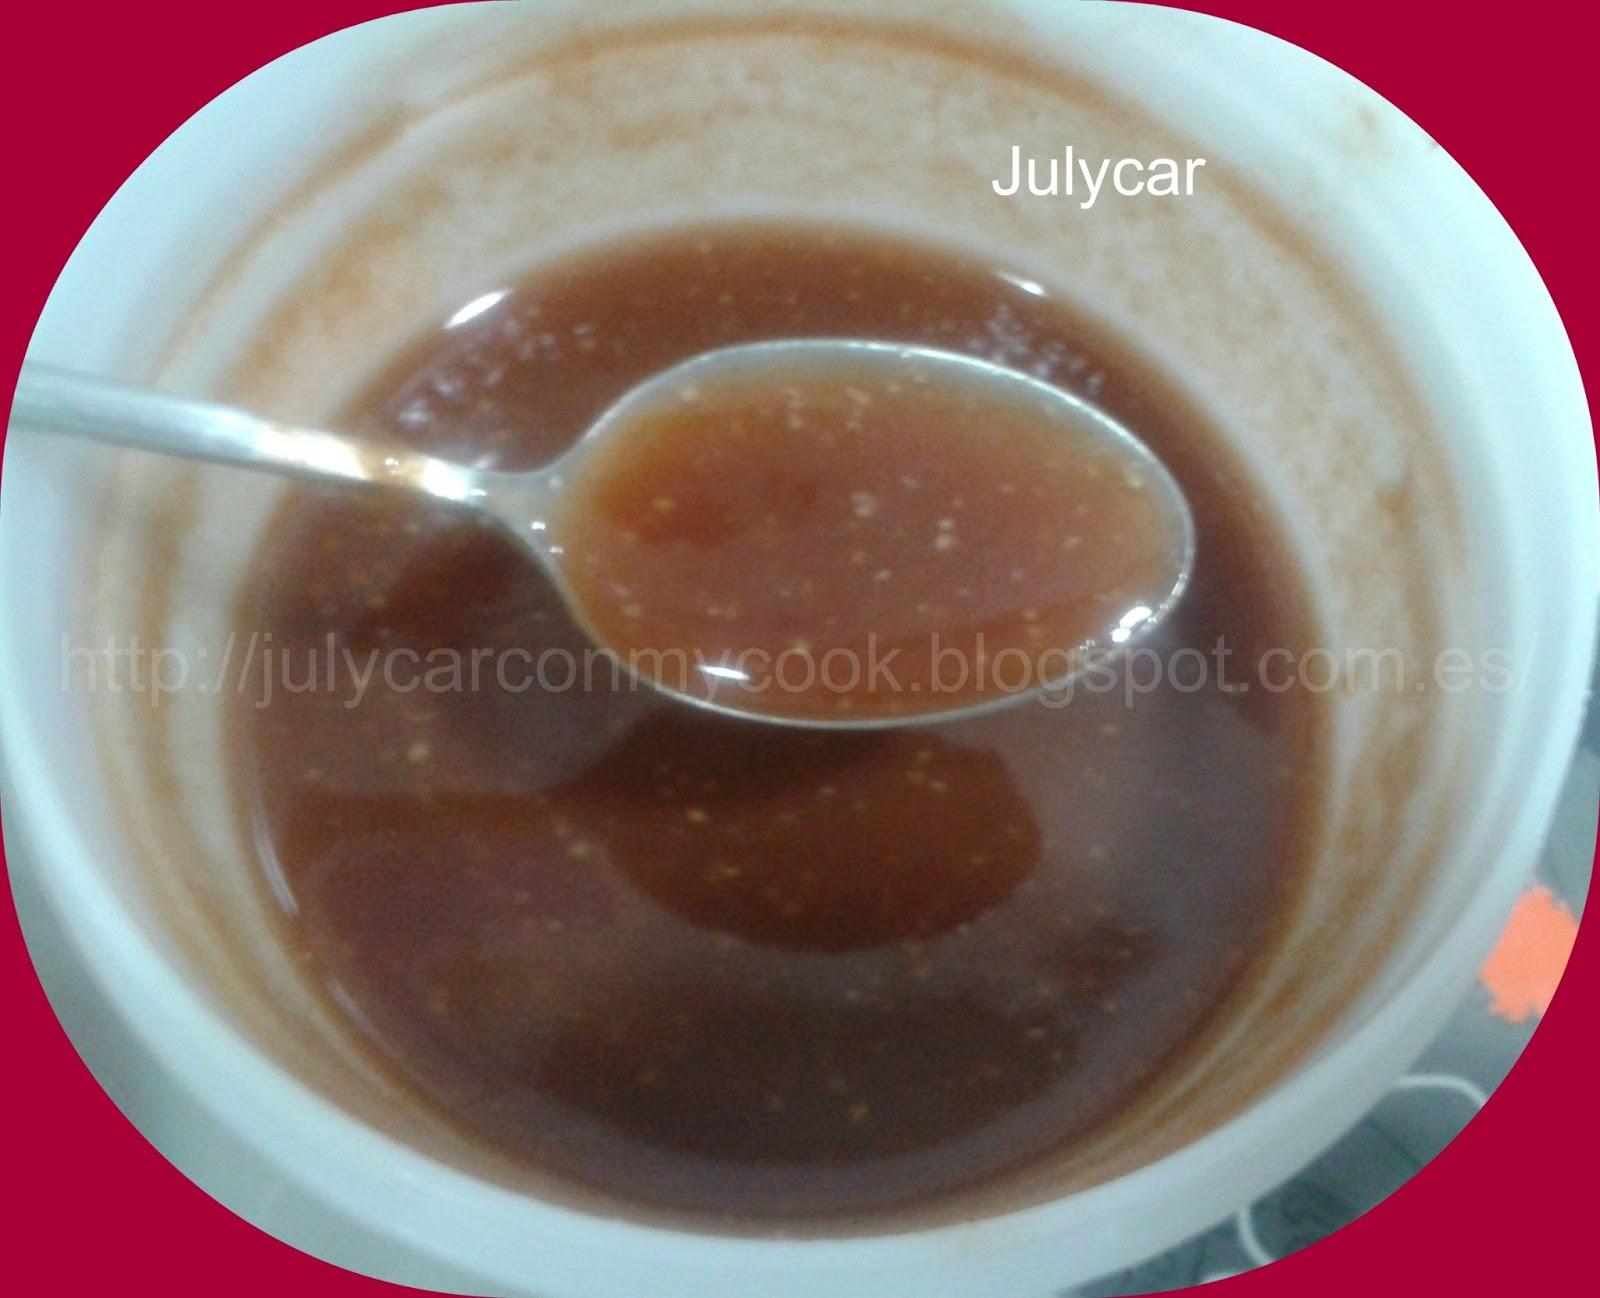 Recetas dukan by julycar salsa barbacoa for Salsa barbacoa ingredientes